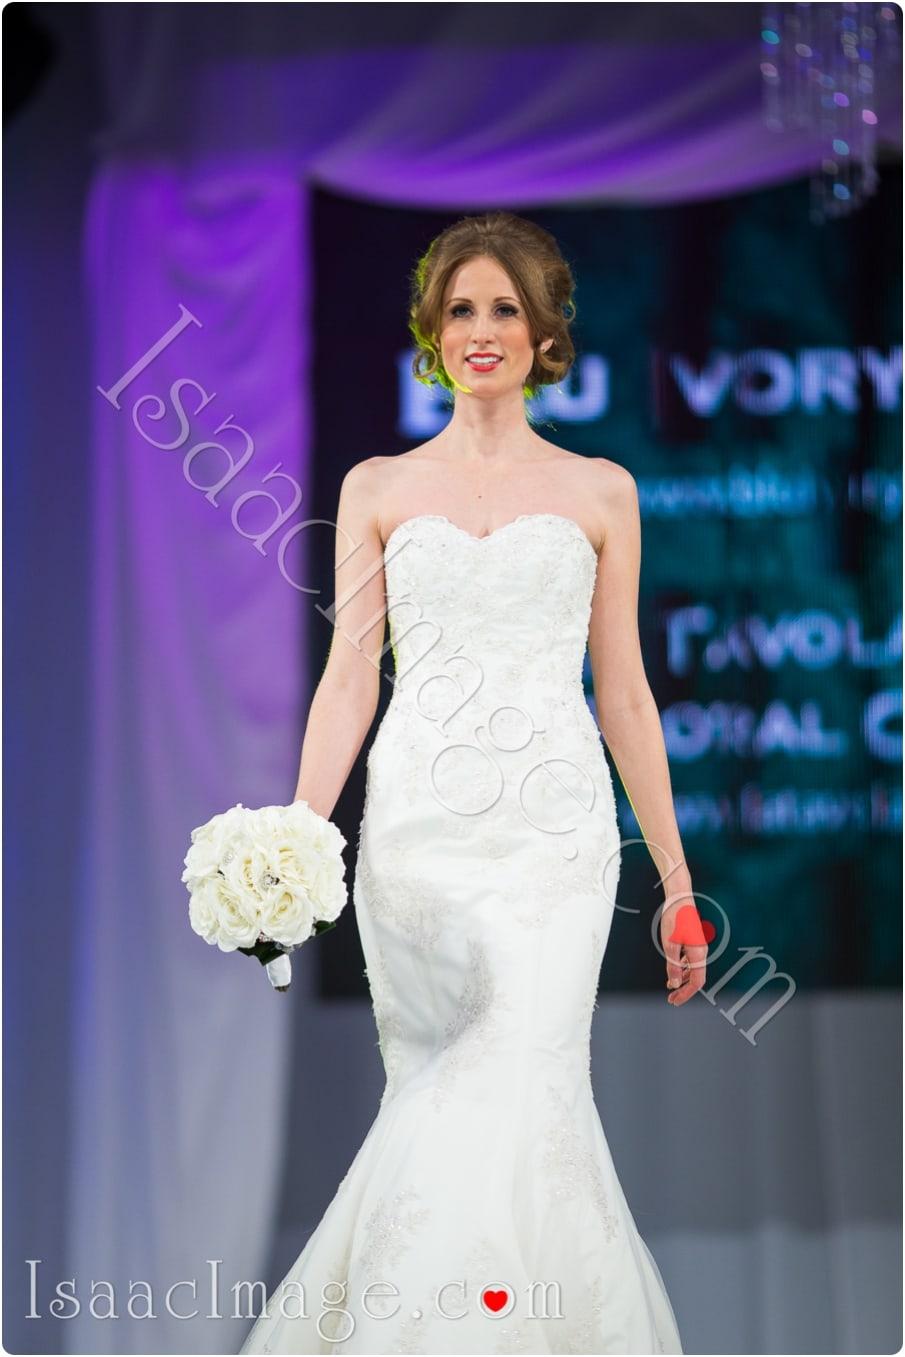 _IIX2178_canadas bridal show isaacimage.jpg